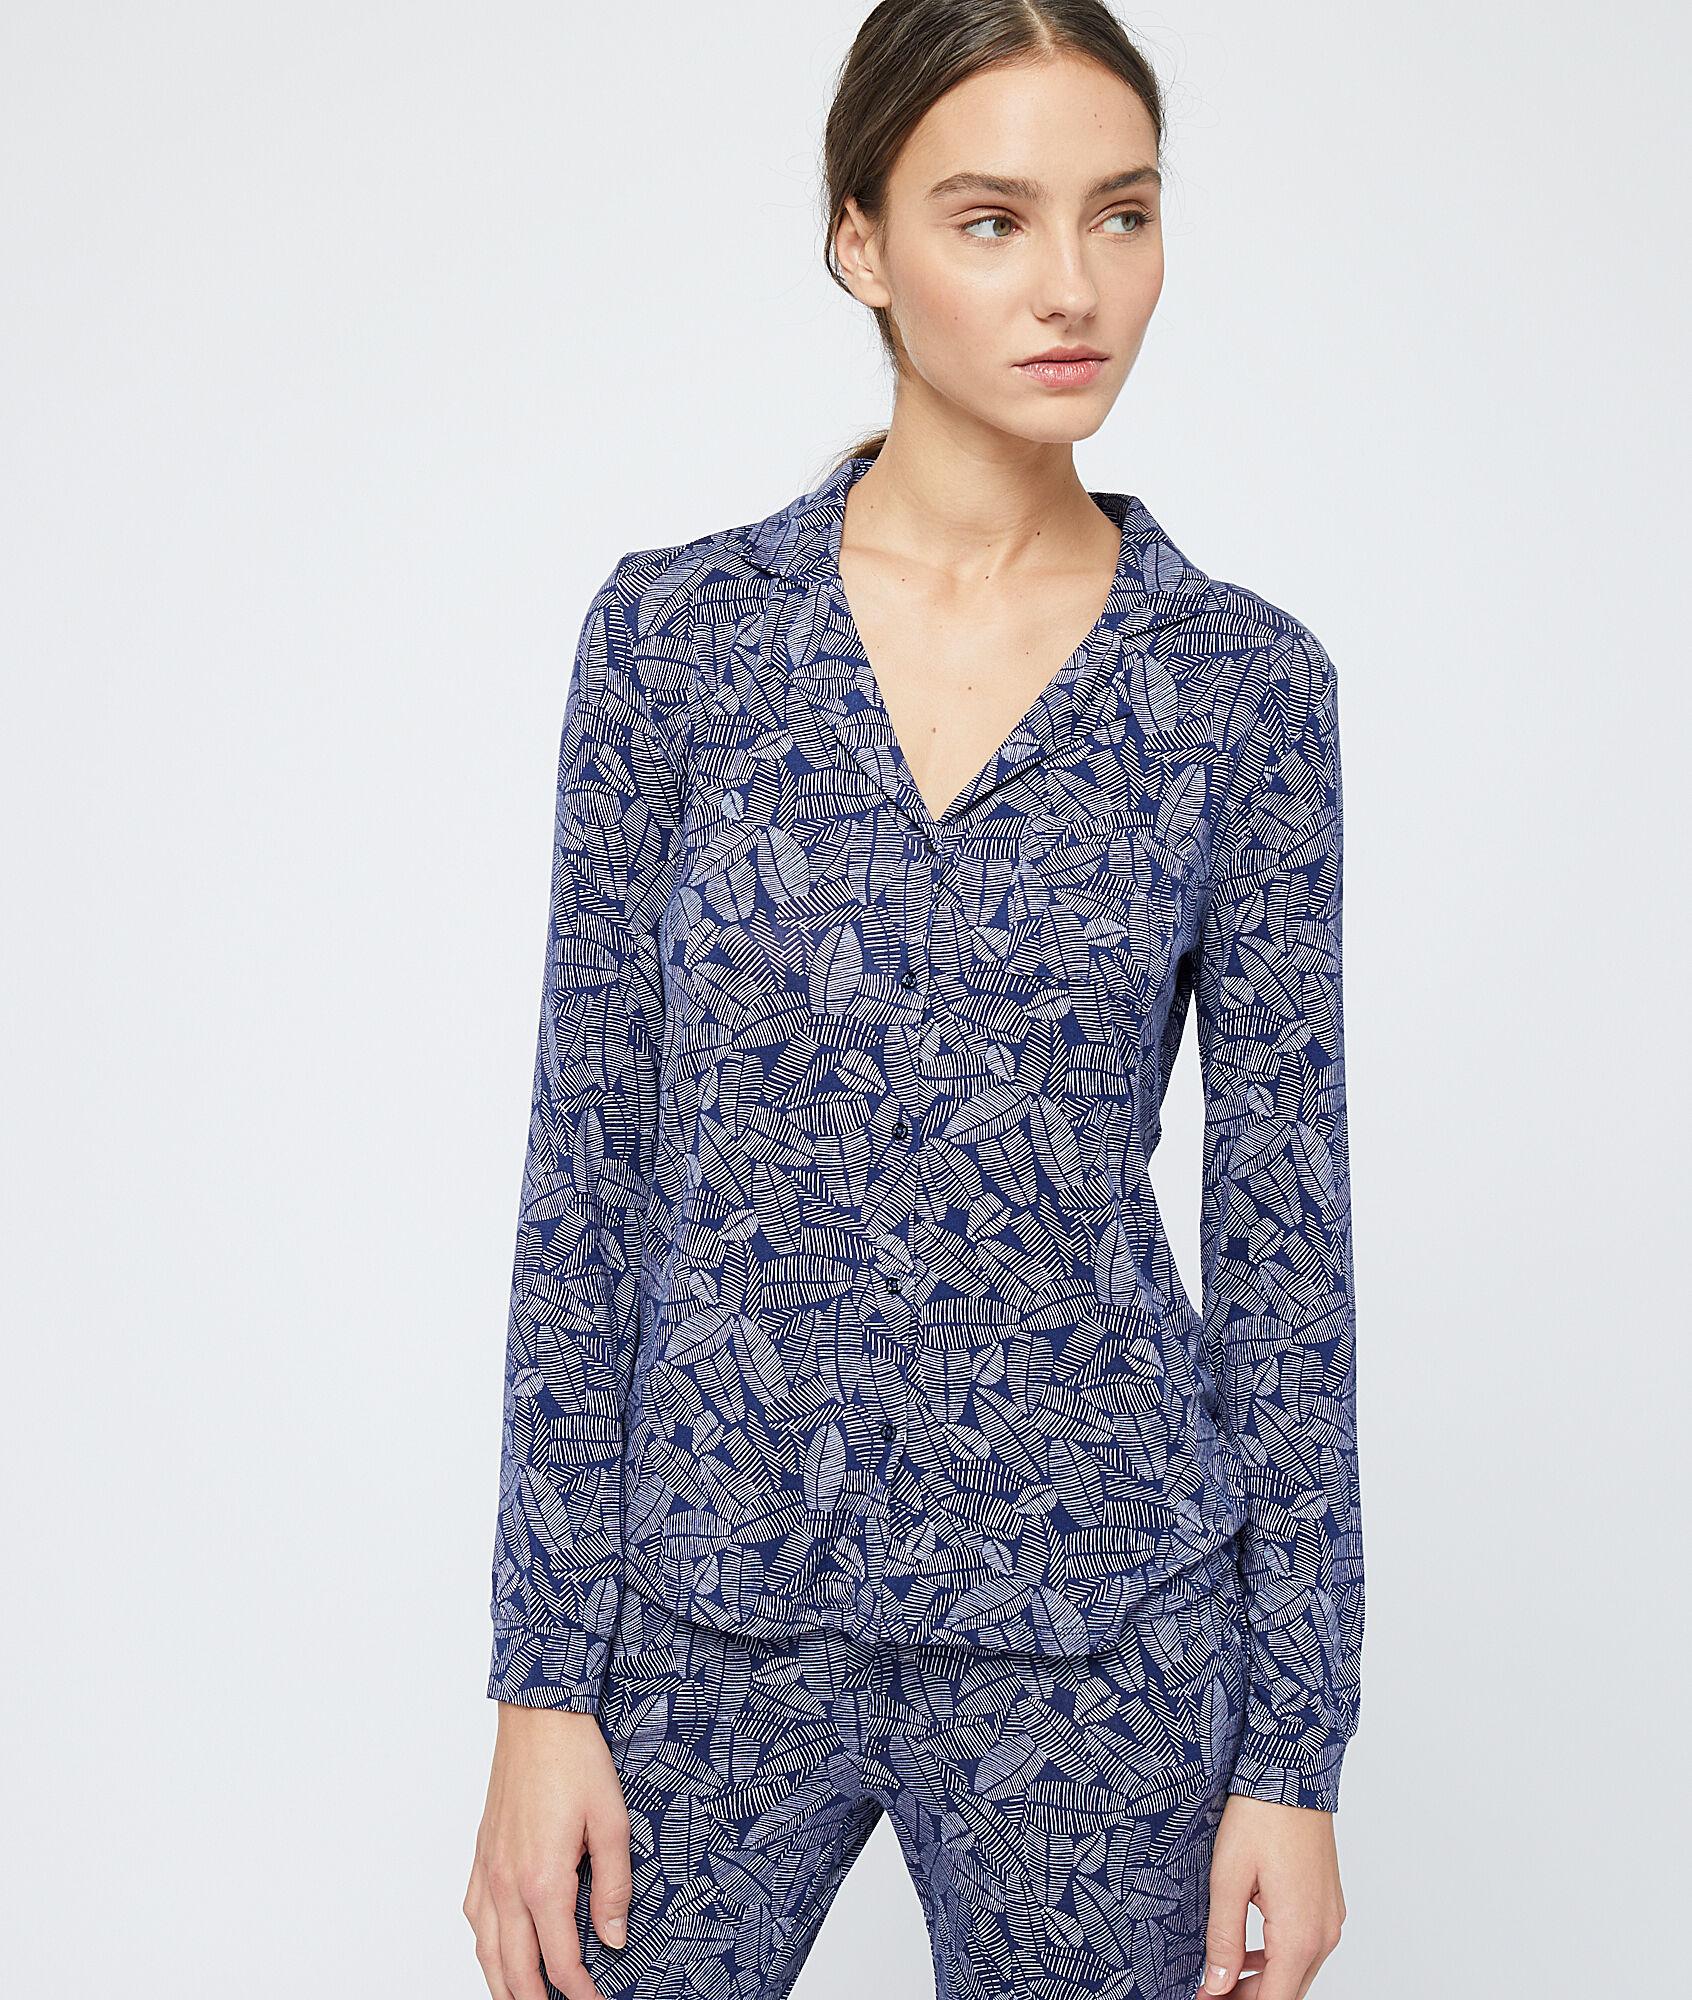 Koszule od piżamy [Zima 2020]